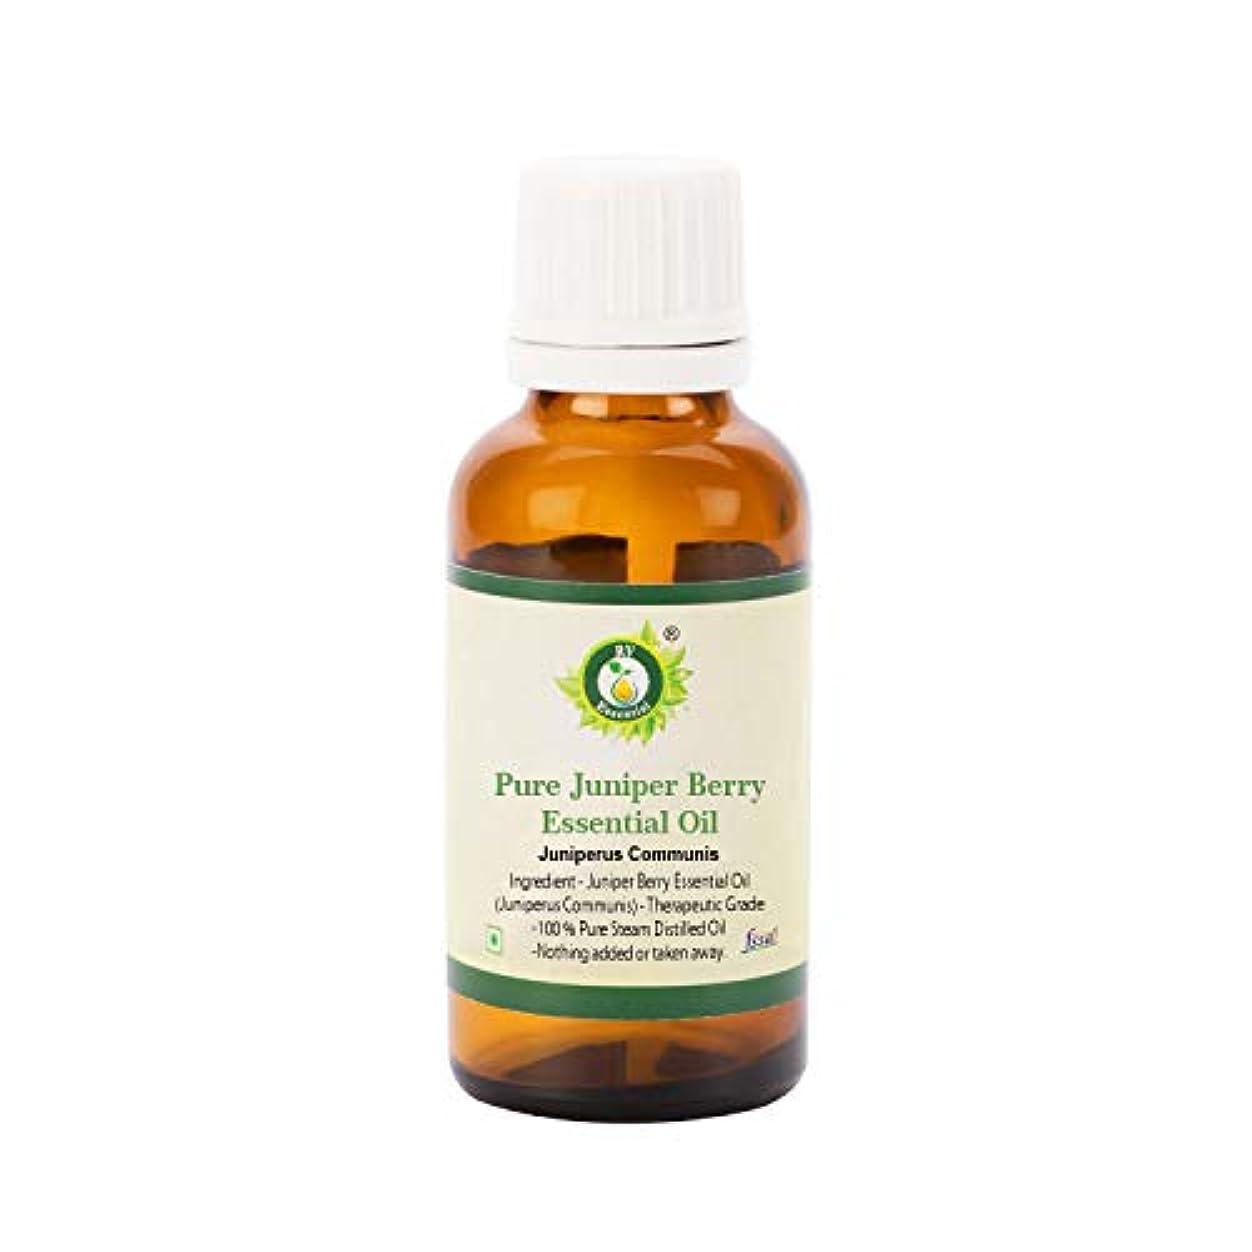 厚さクマノミ人形R V Essential ピュアジュニパーベリーエッセンシャルオイル100ml (3.38oz)- Juniperus Communis (100%純粋&天然スチームDistilled) Pure Juniper Berry...